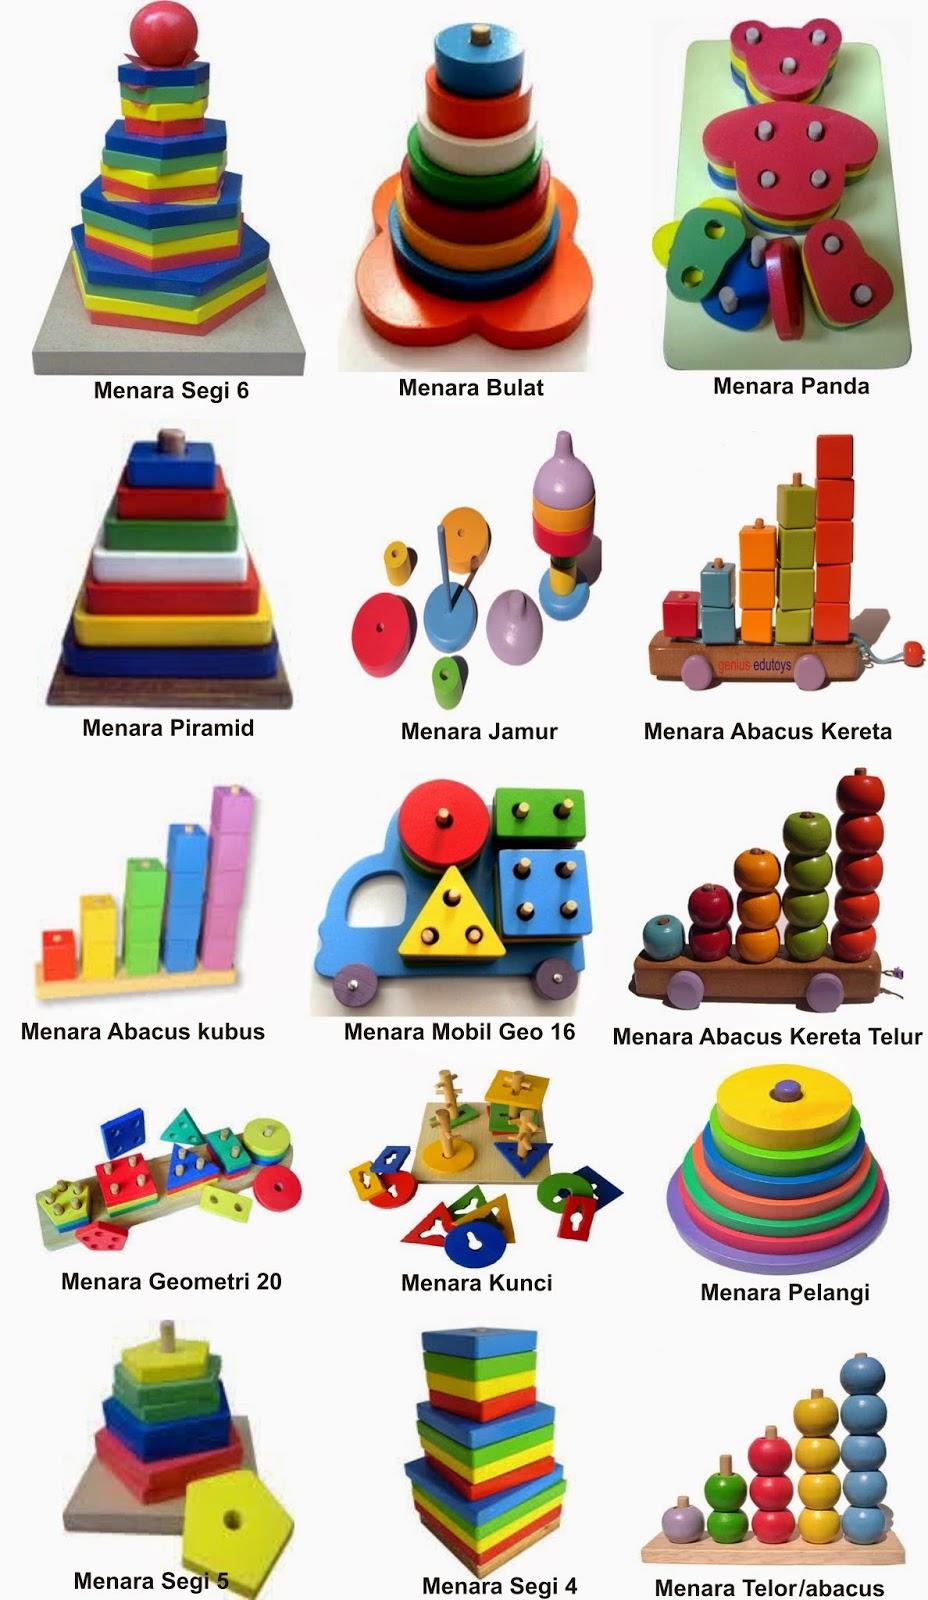 mainan edukatif anak,alat peraga edukatif,alat peraga edukatif paud,alat peraga edukatif untuk tk,APE,mainan outdoor,produsen alat peraga,produsen mainan edukatif,pengrajin mainan kayu,pengrajin mainan anak,produsen mainan kayu,produsen mainan edukasi,pengrajin mainan edukatif kayu